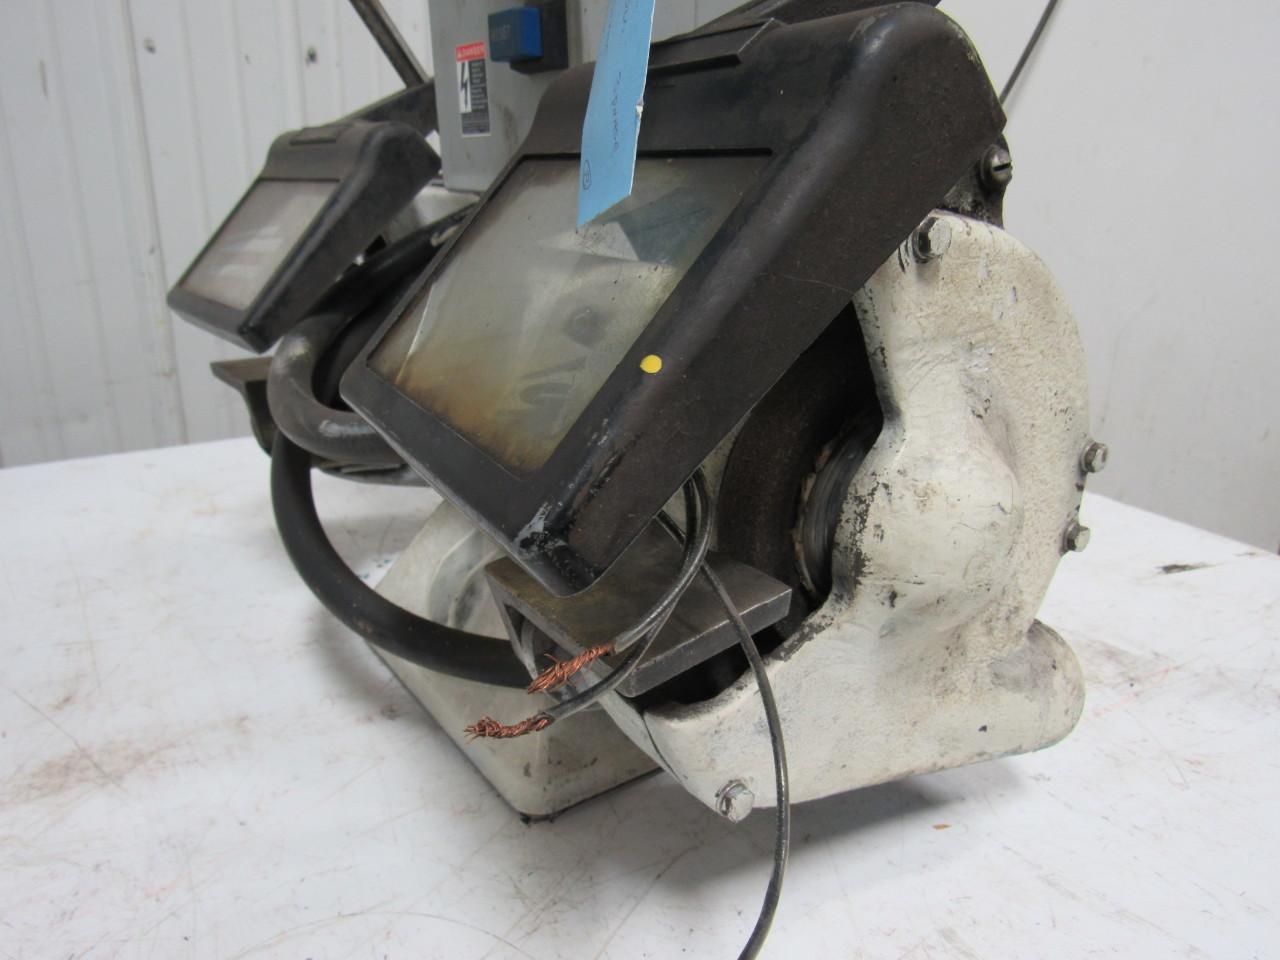 Grinder Motor Wiring Diagram 220 Best Secret Industrial Air Compressor Baldor Bench Jet Pse 230v